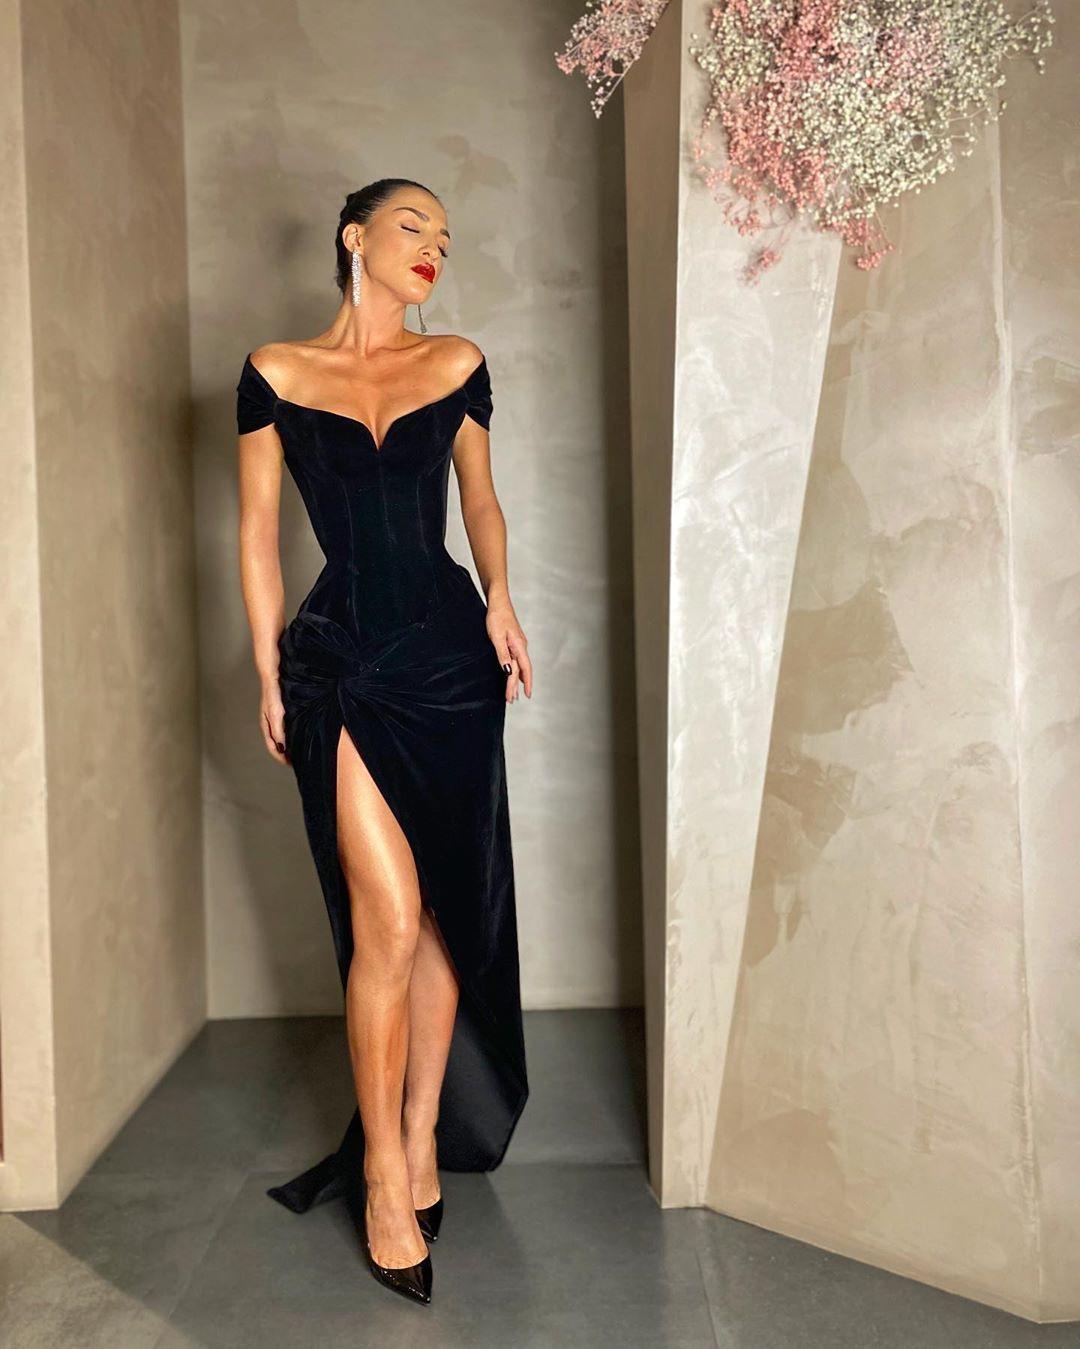 10 Einzigartig Legere Abendkleidung Galerie20 Luxurius Legere Abendkleidung für 2019